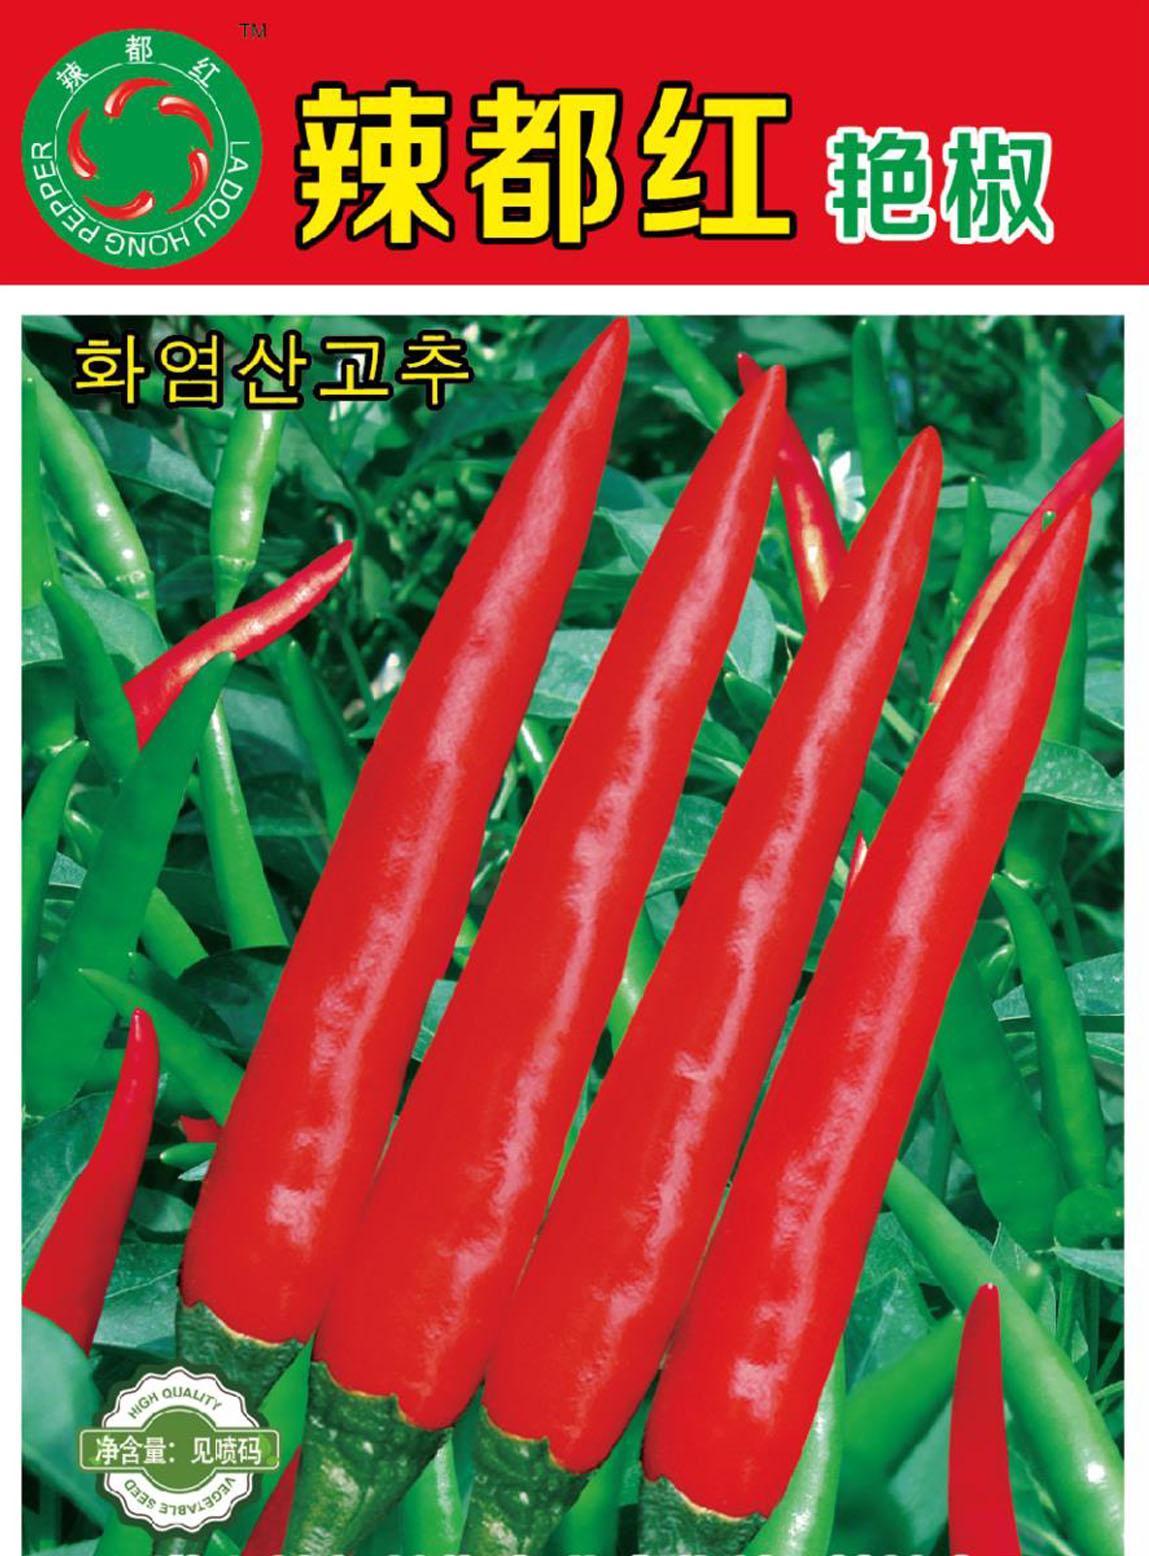 辣都红艳椒